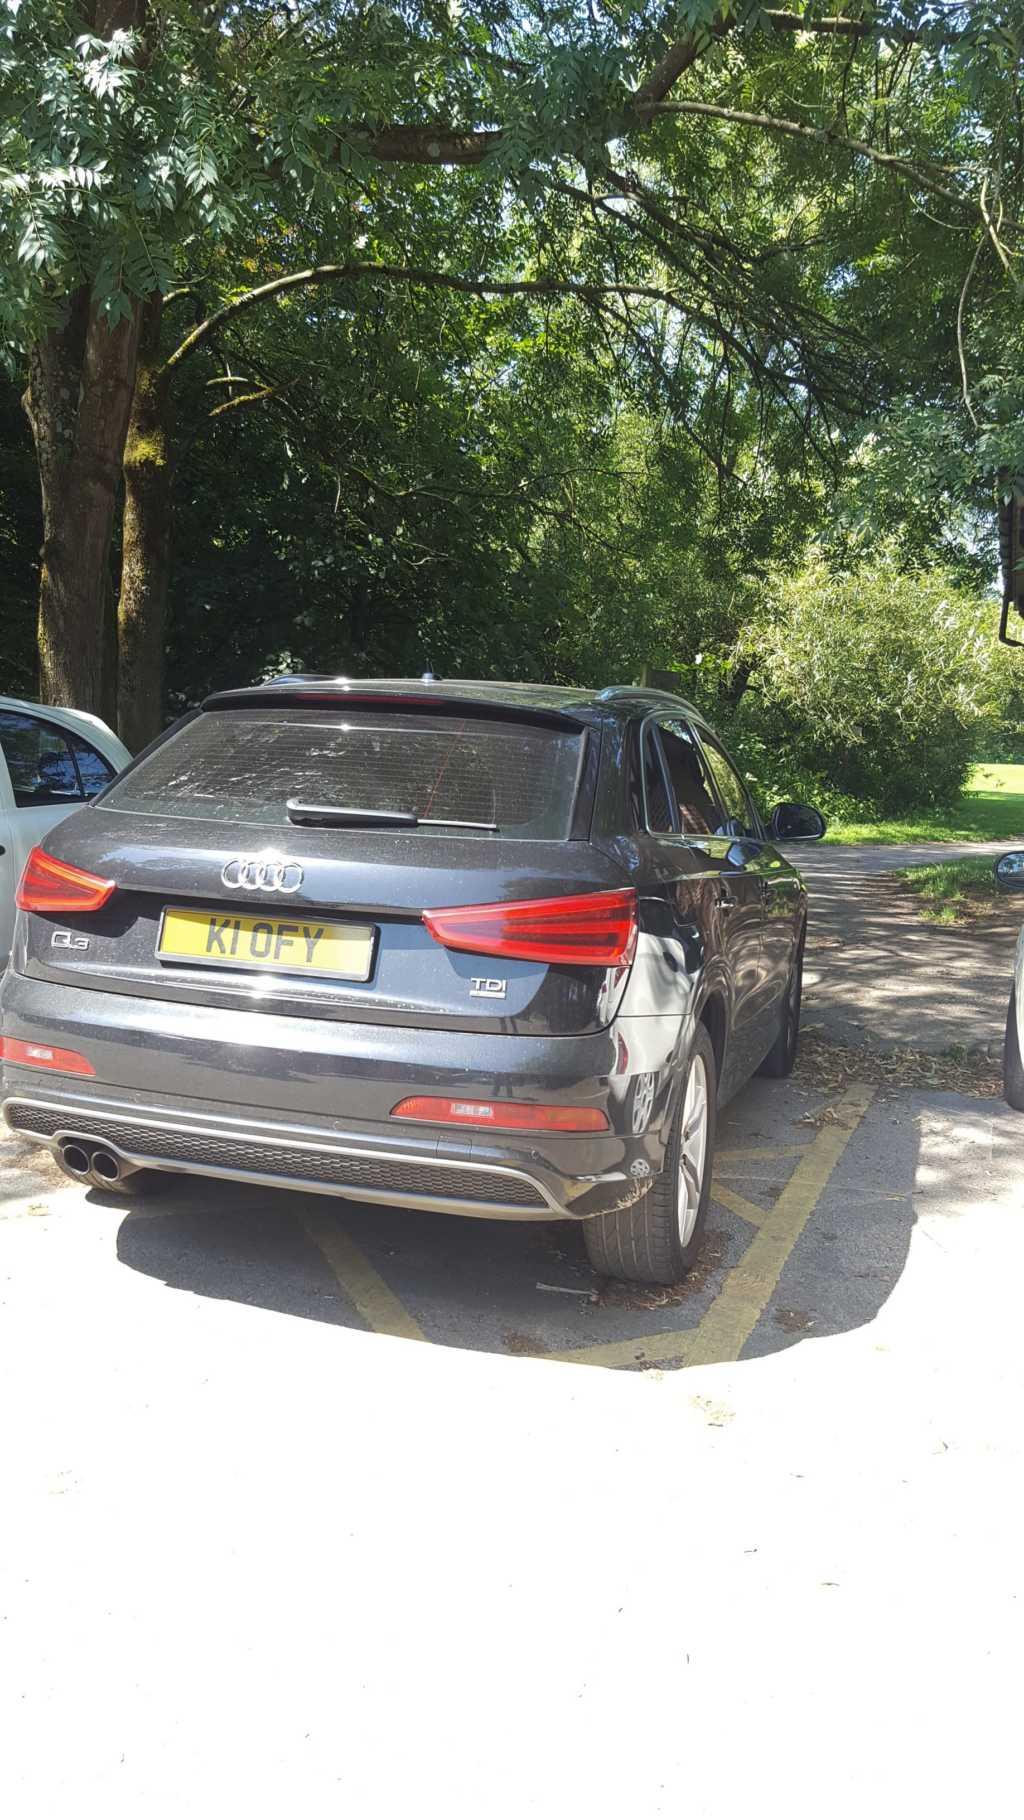 KI 0FY displaying Inconsiderate Parking